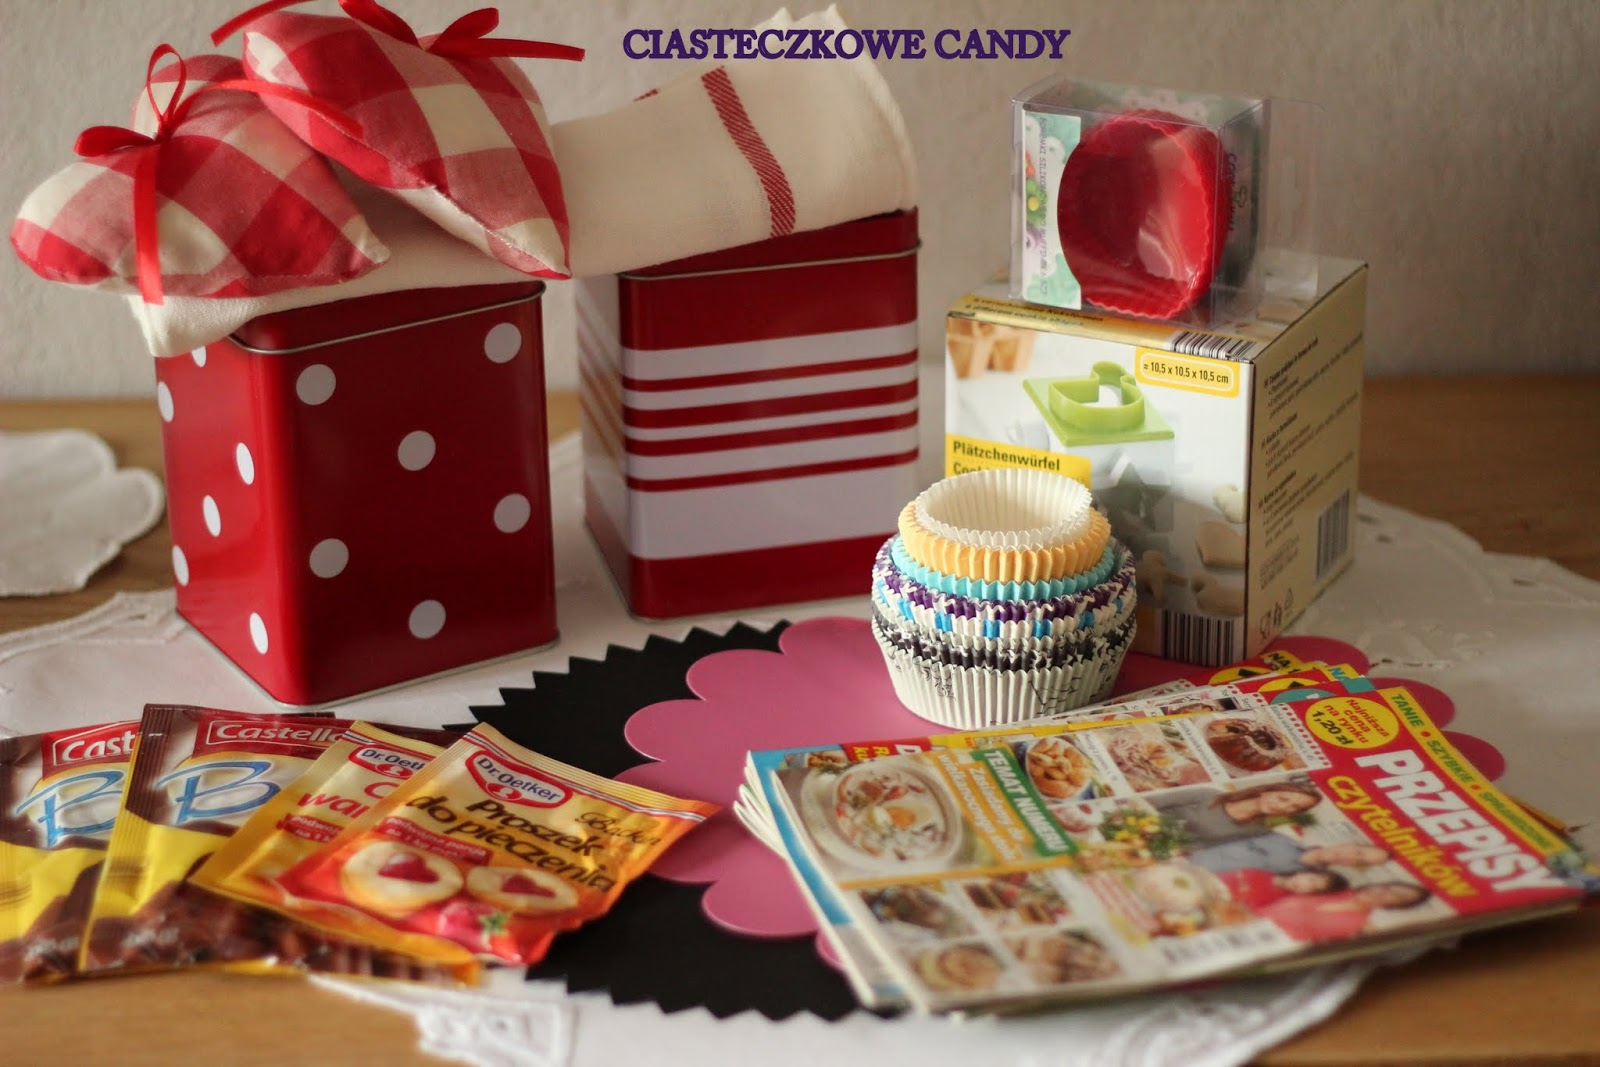 IV Ciasteczkowe Candy dla Agness